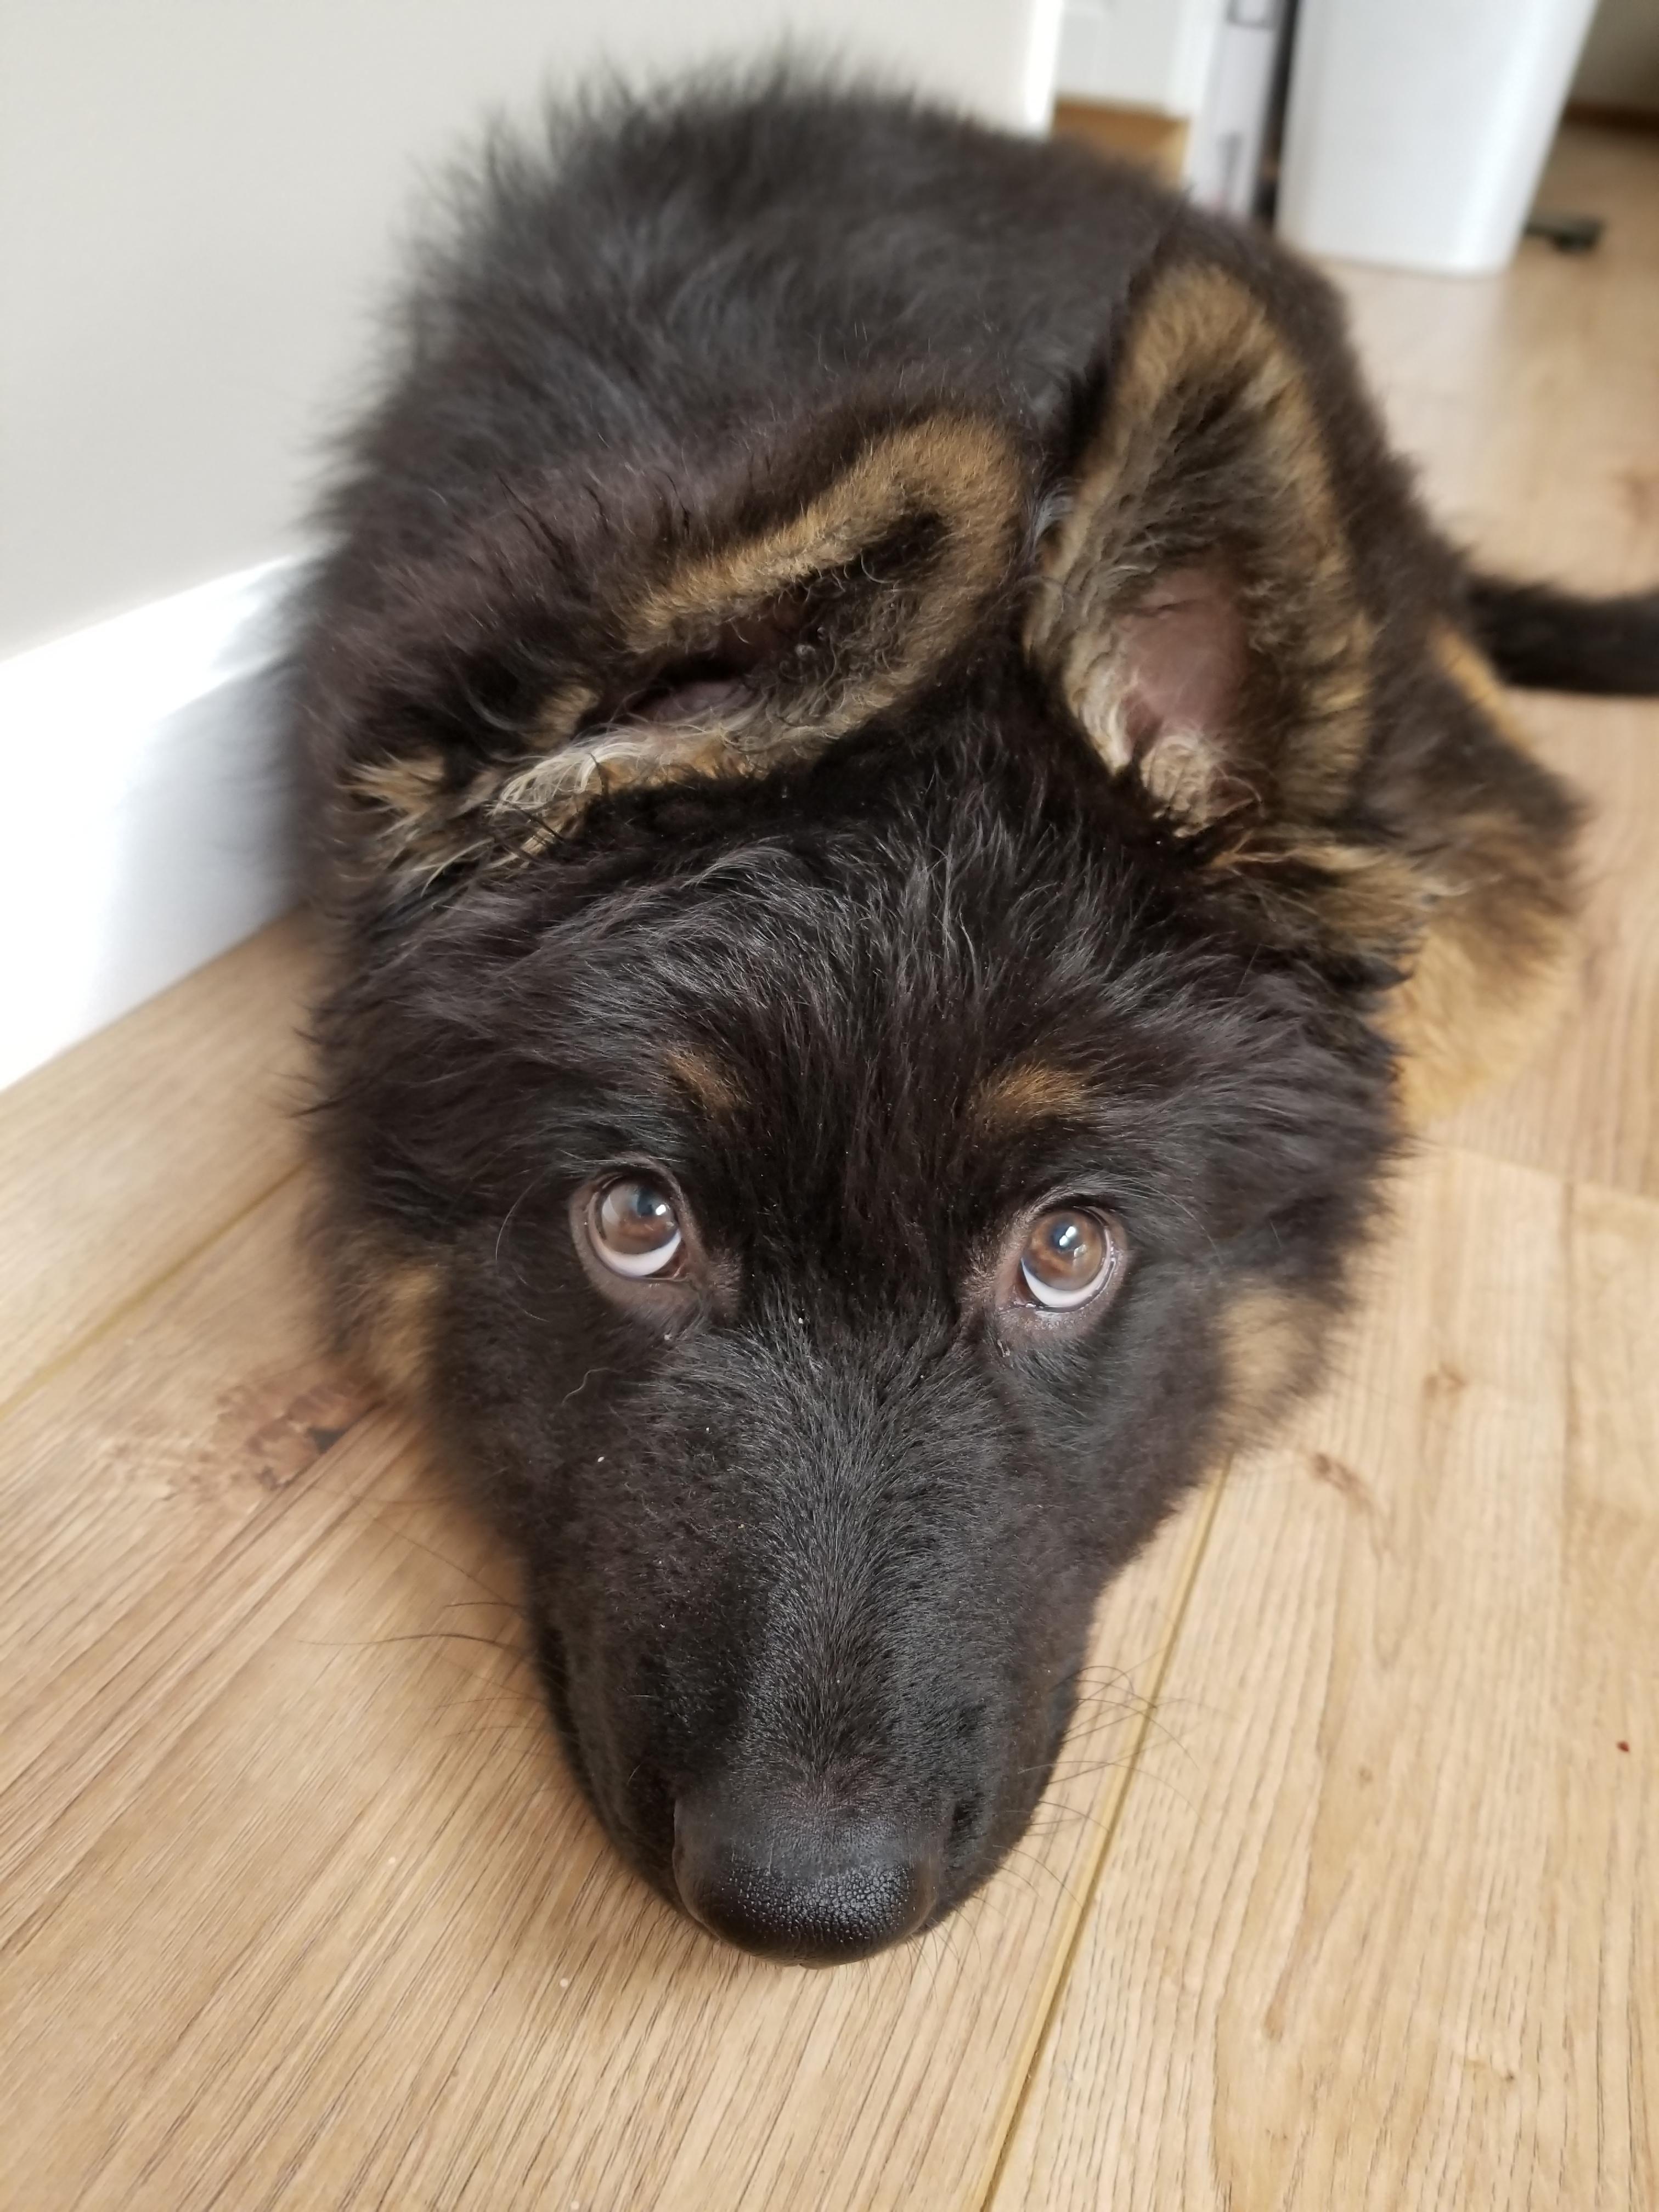 The Cutest Eyebrowshttps I Redd It To6j2mep4p311 Jpg German Shepard Puppies Black German Shepherd Dog Black German Shepherd Puppies